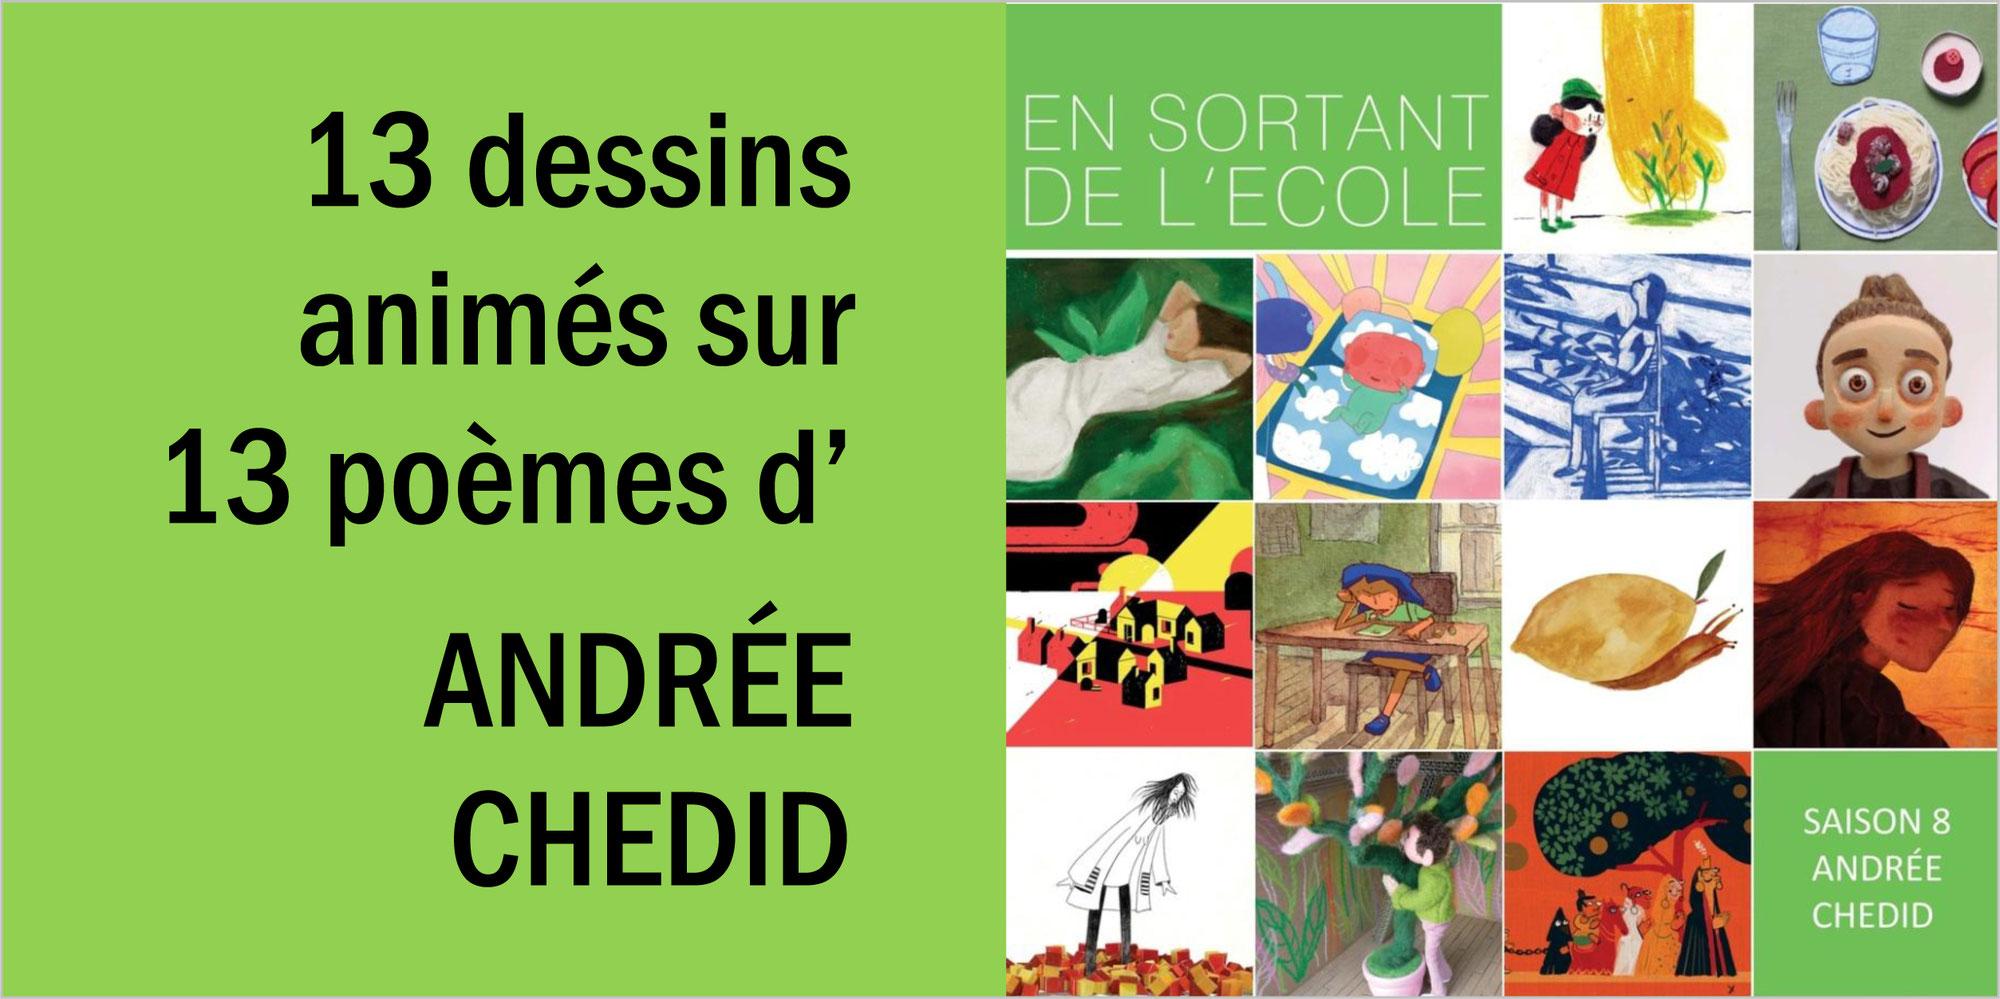 """""""En sortant de l'école"""": 13 dessins animés sur les poèmes d'ANDRÉE CHEDID"""